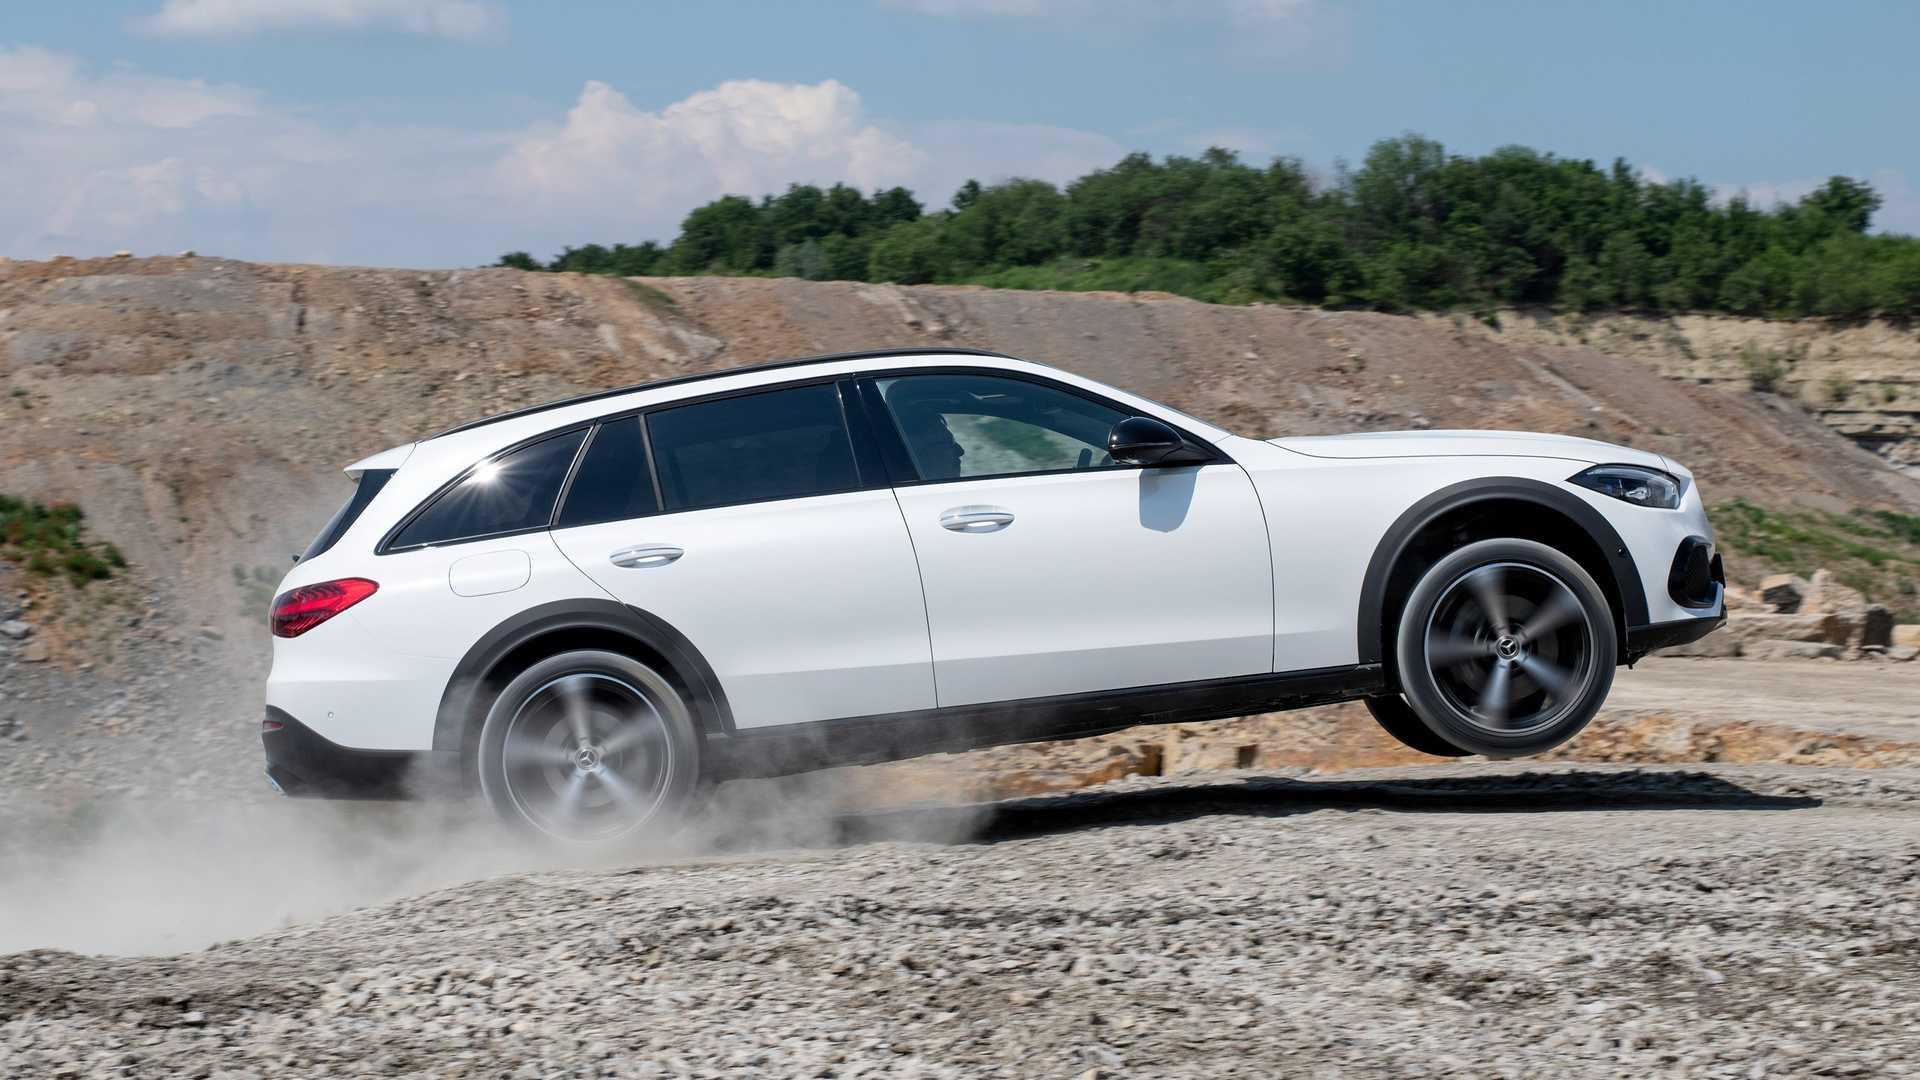 Mercedes-Benz klasy C w wersji All-Terrain - wersja kombi na szczudłach